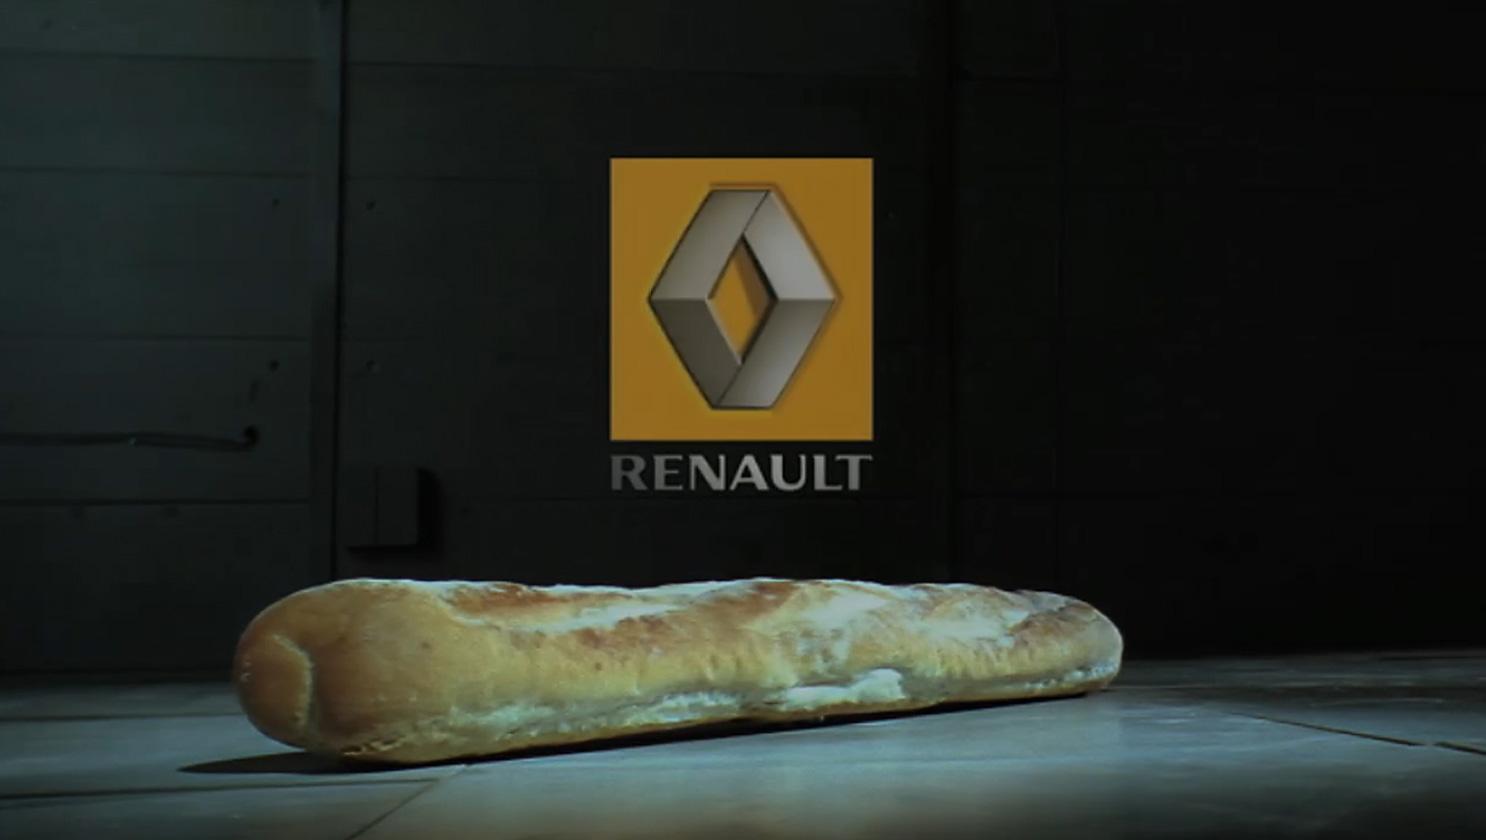 車が登場しないルノーの「衝突実験」― 比喩表現で巧みに比較広告を想起させる